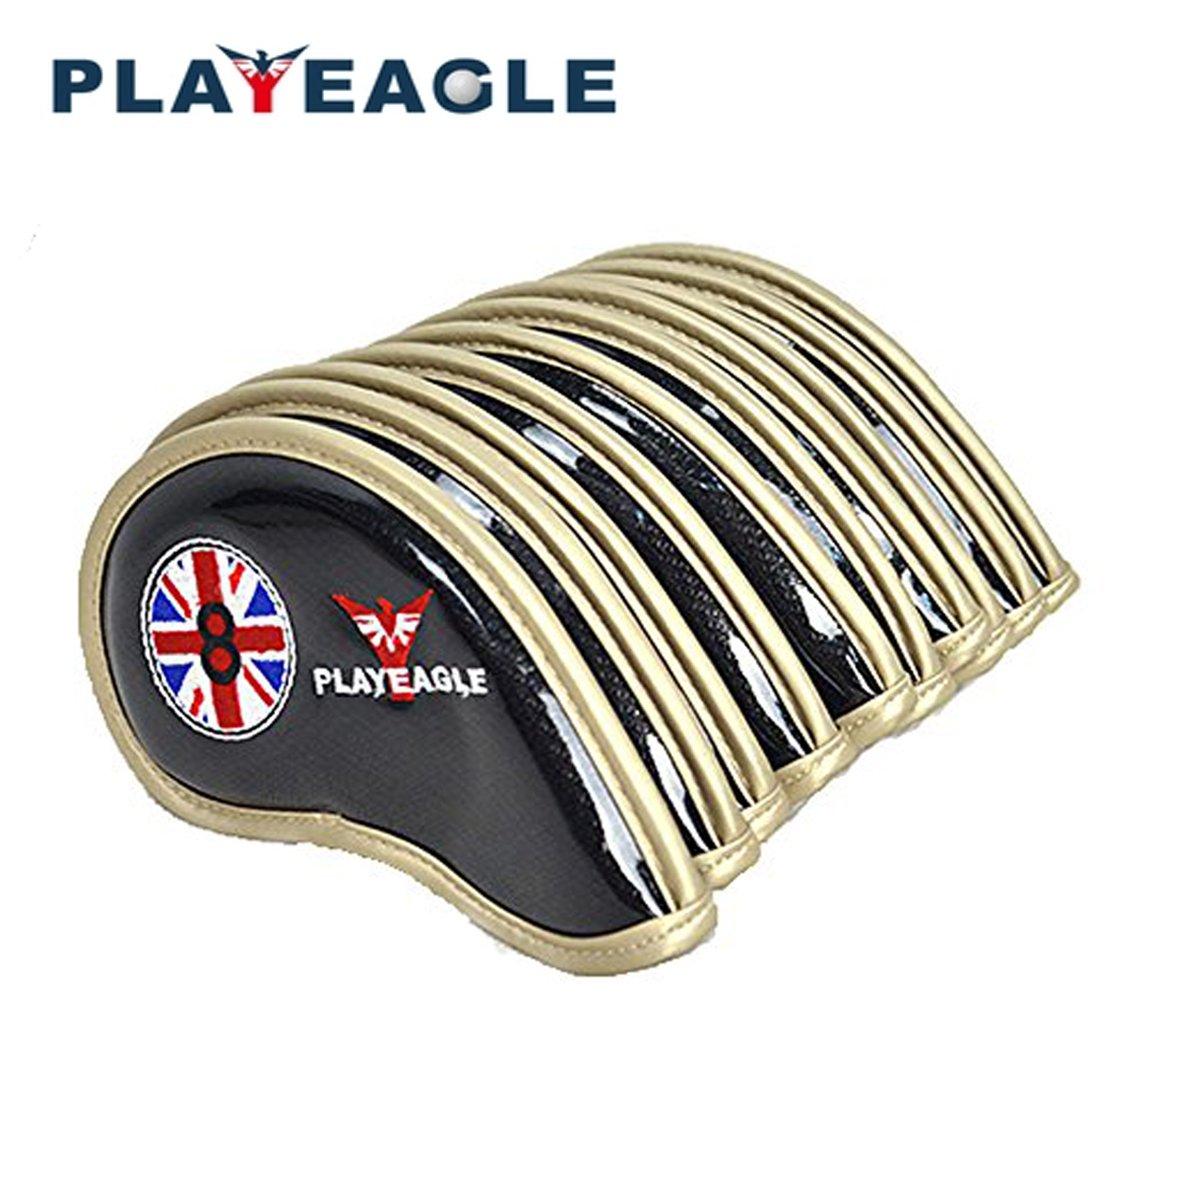 熱販売 playeagle 10個/セット厚さPUレザーゴルフヘッドカバー防水Easy playeagle Cleanアイアンヘッドカバーwithパターン ブラック B07893SS7C ブラック B07893SS7C, 美しく暮らす C.D.F:08d19e37 --- a0267596.xsph.ru